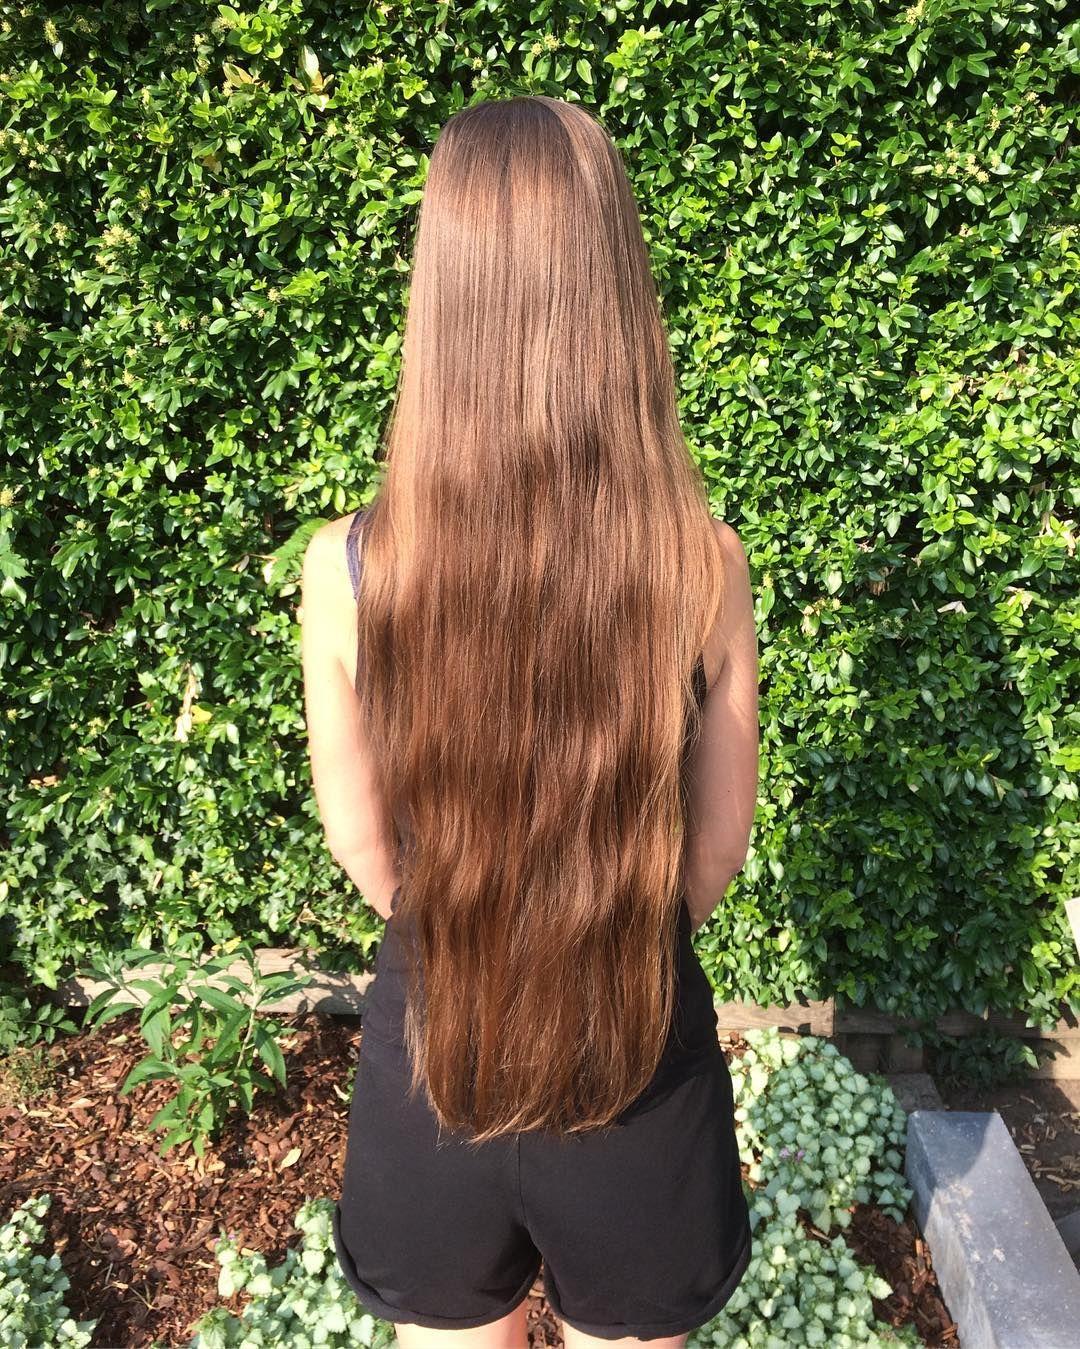 Tailbone Length Hair Tumblr